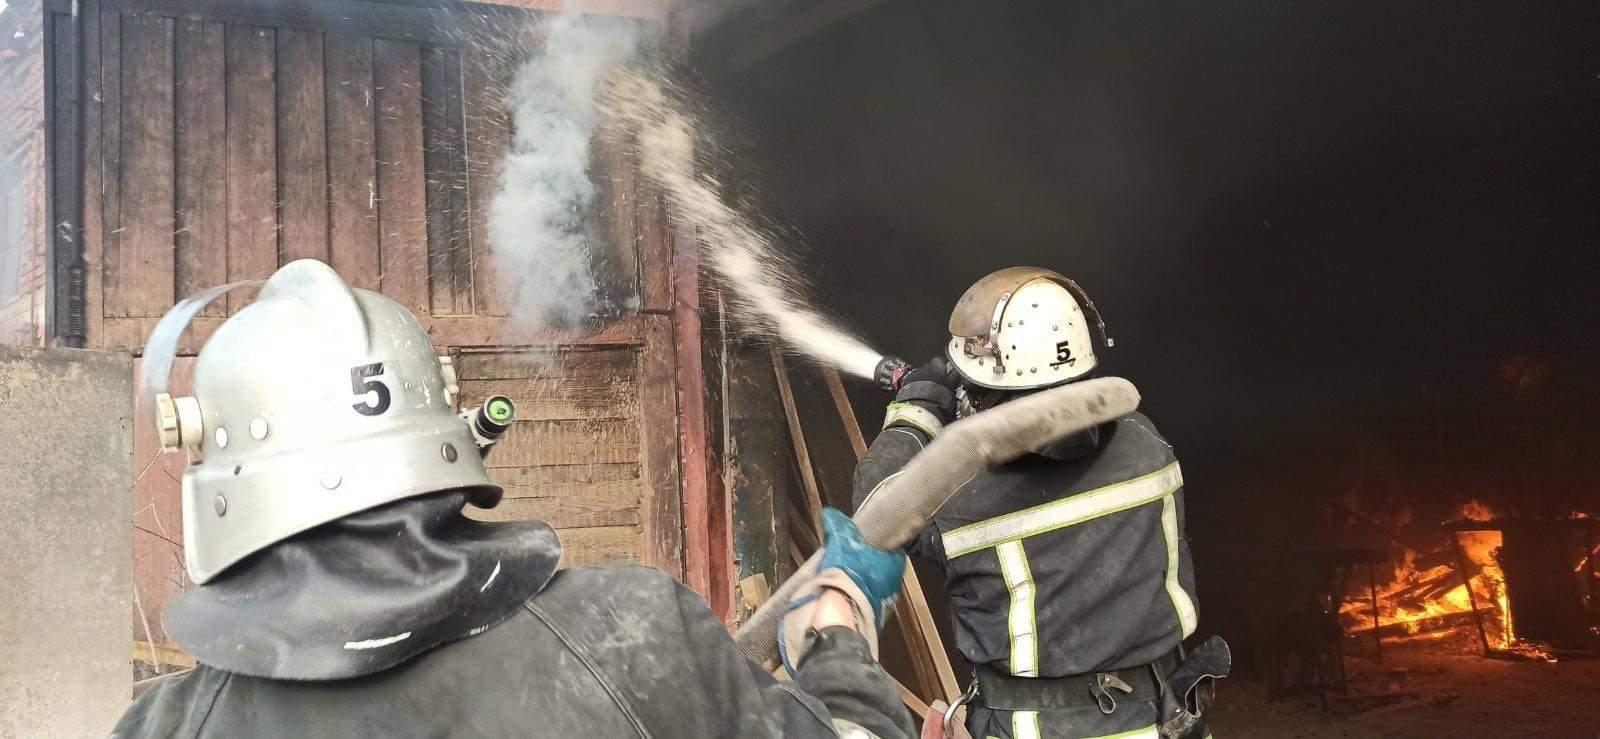 Вінницькі вогнеборці гасили пожежу на деревообробному підприємстві